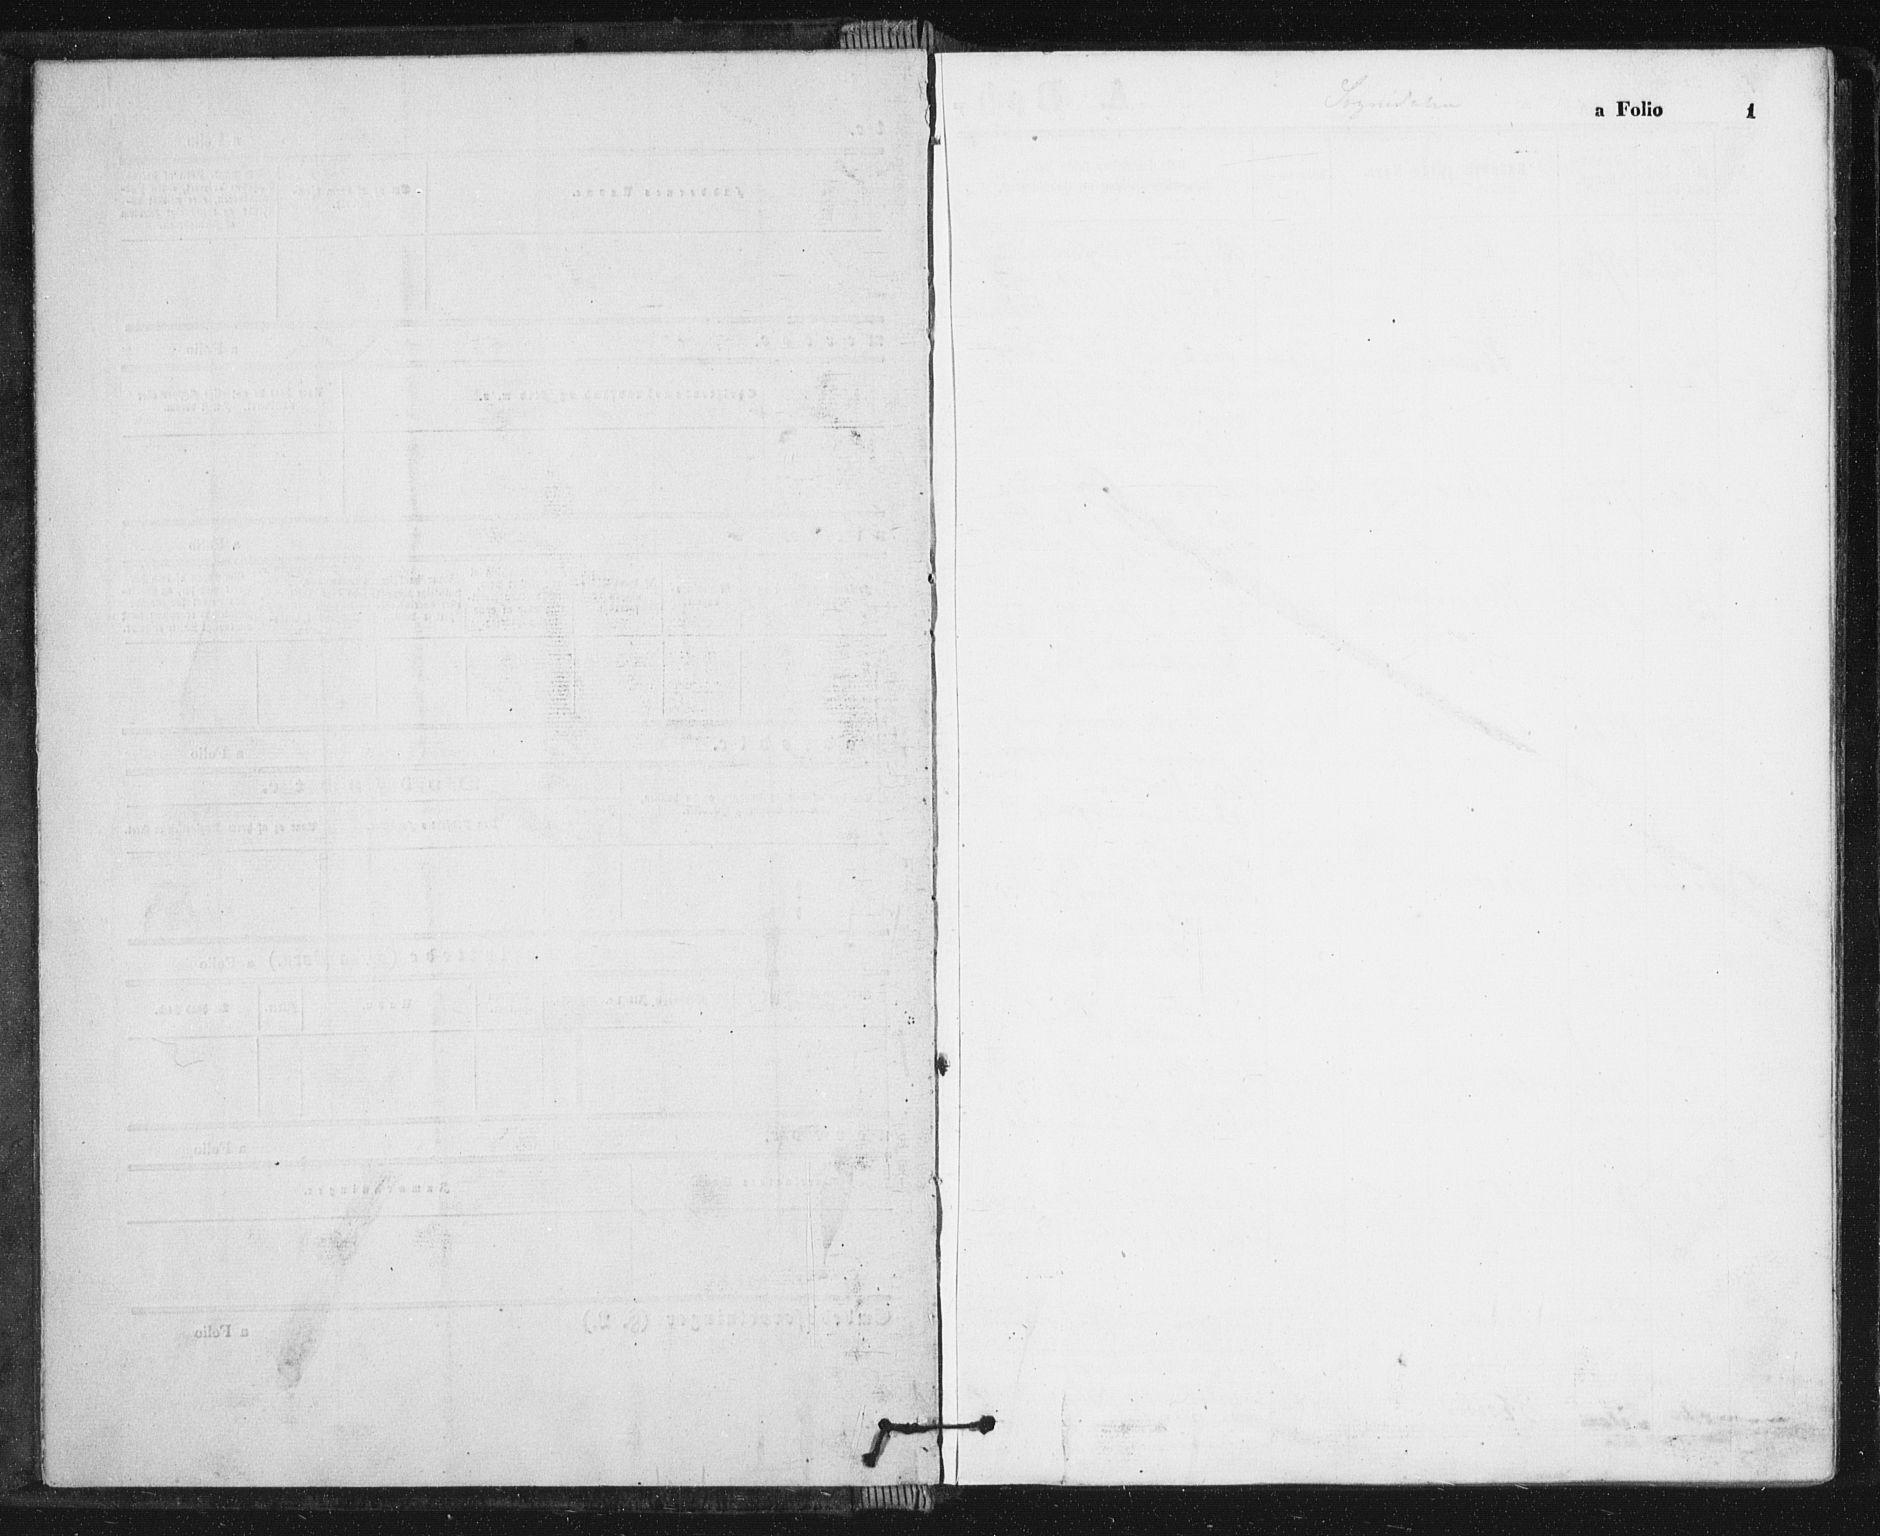 SAT, Ministerialprotokoller, klokkerbøker og fødselsregistre - Sør-Trøndelag, 689/L1039: Ministerialbok nr. 689A04, 1865-1878, s. 1